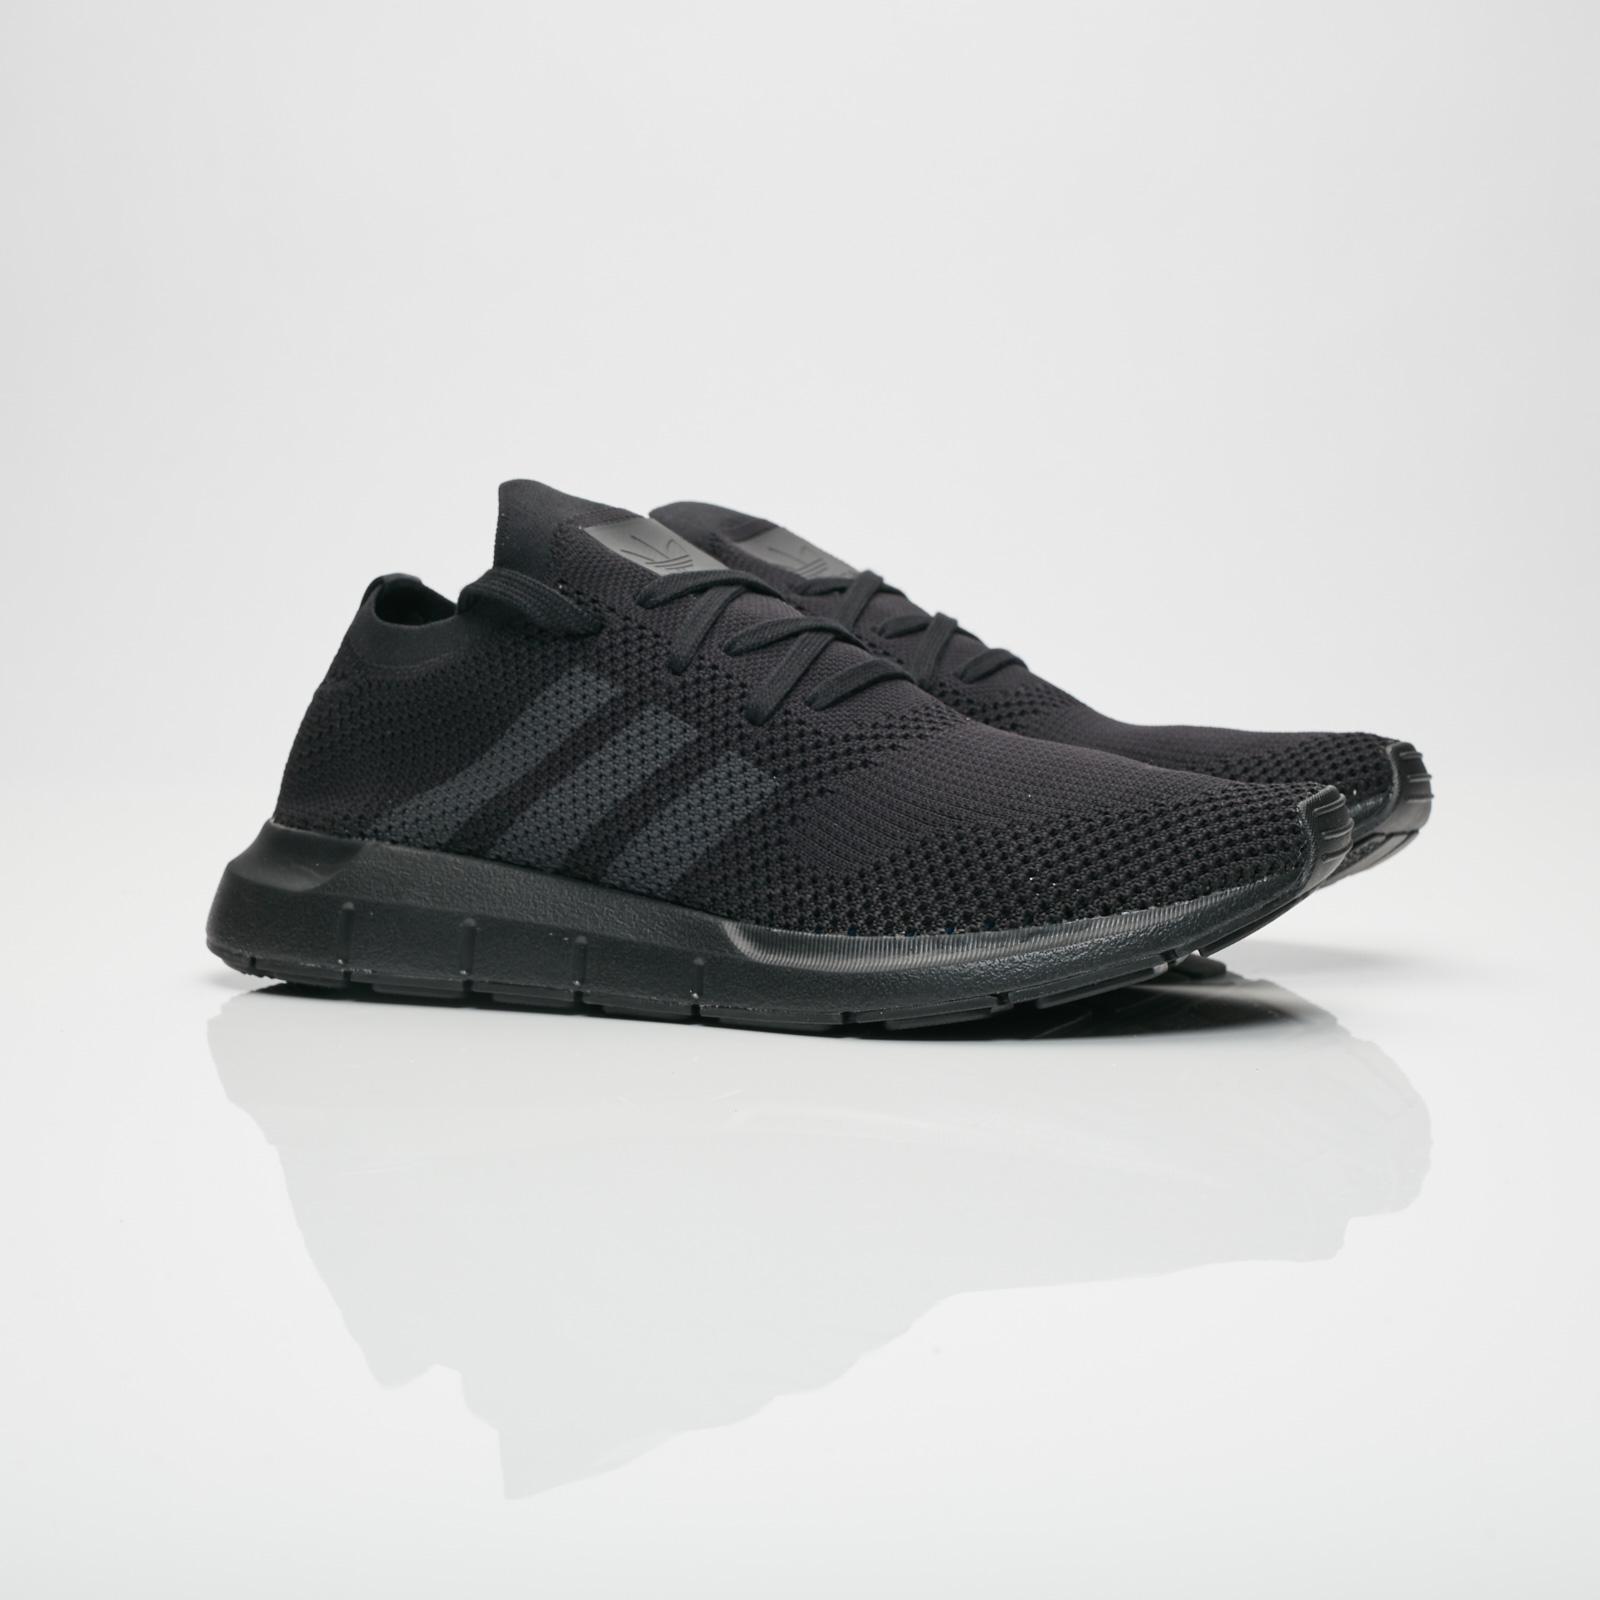 9f721394b4672c adidas Swift Run PK - Cq2893 - Sneakersnstuff